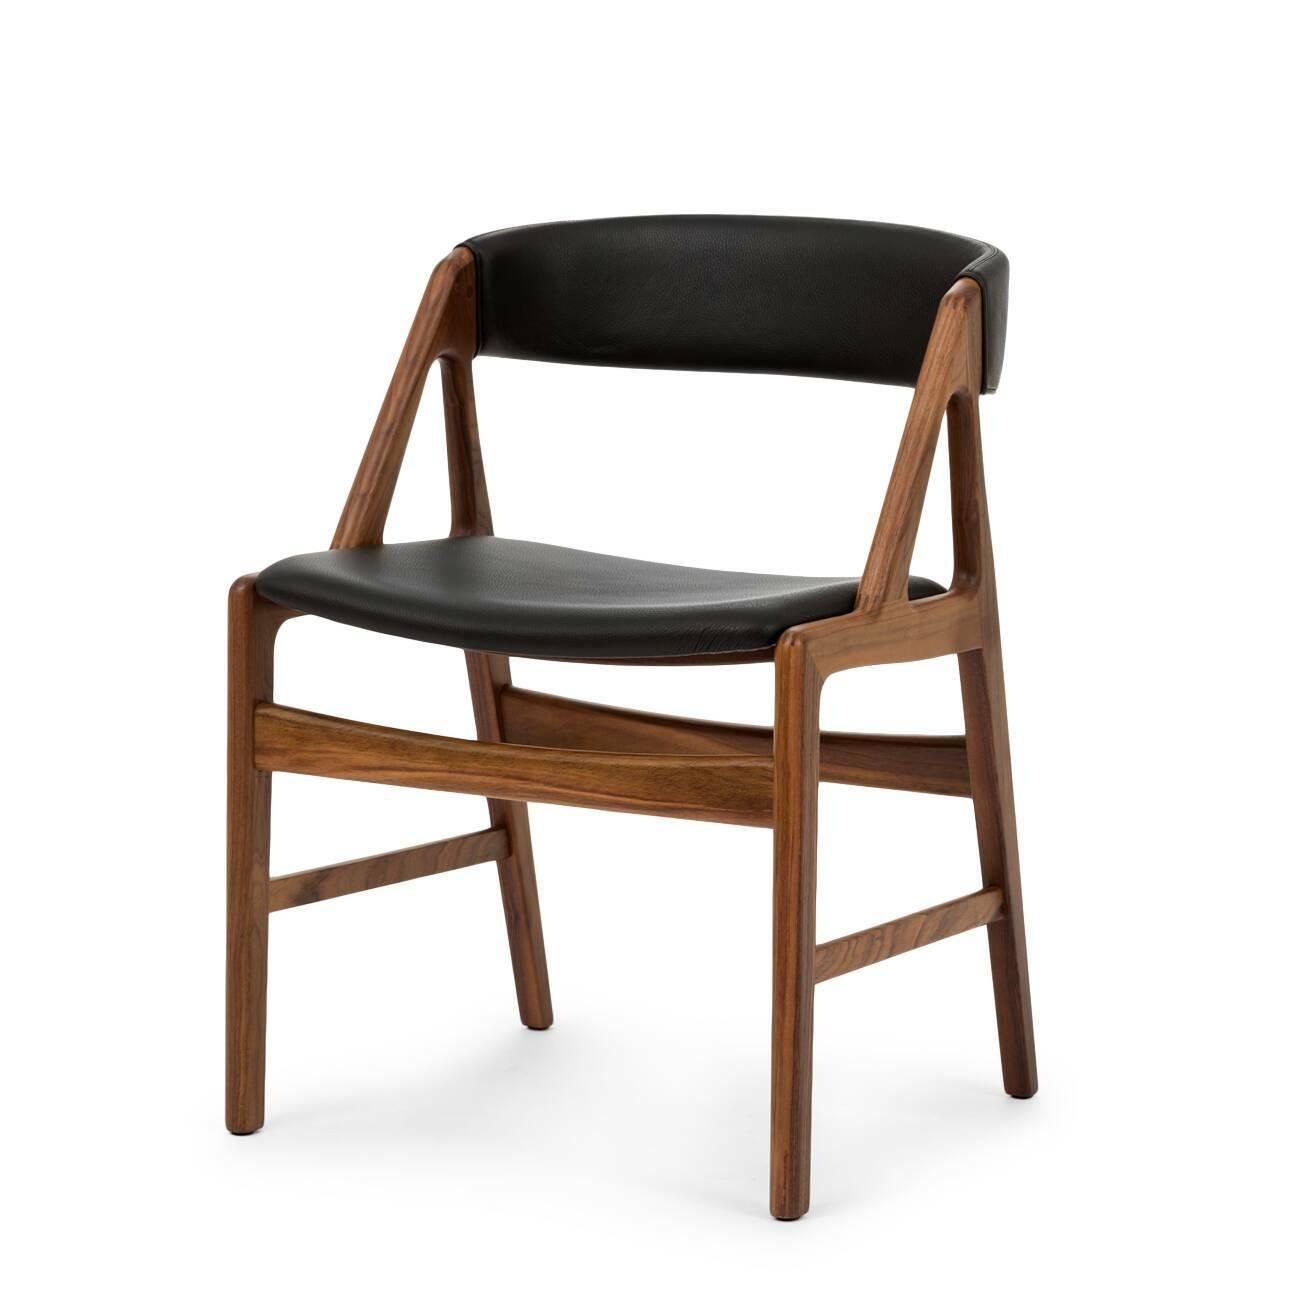 Стул DagaИнтерьерные<br>Дизайнерский легкий стул Daga (Дага) из массива ореха с кожаной обивкой сиденья и спинки от Cosmo (Космо).<br><br><br> Большинство стульев и табуретов могут использоваться в различных видах помещений, от офисной обстановки до теплой и уютной кухонной атмосферы. Таков и стул Daga, выполненный в строгом классическом стиле.<br><br><br> Лаконичность и роскошь — именно эти слова отлично характеризуют стул Daga. Оригинальный широкий каркас из американского ореха, известного своей прочностью и роскошным тем...<br><br>stock: 0<br>Высота: 72,5<br>Высота сиденья: 45<br>Ширина: 53<br>Глубина: 51,5<br>Материал каркаса: Массив ореха<br>Тип материала каркаса: Дерево<br>Цвет сидения: Черный<br>Тип материала сидения: Кожа<br>Коллекция ткани: Deluxe<br>Цвет каркаса: Орех